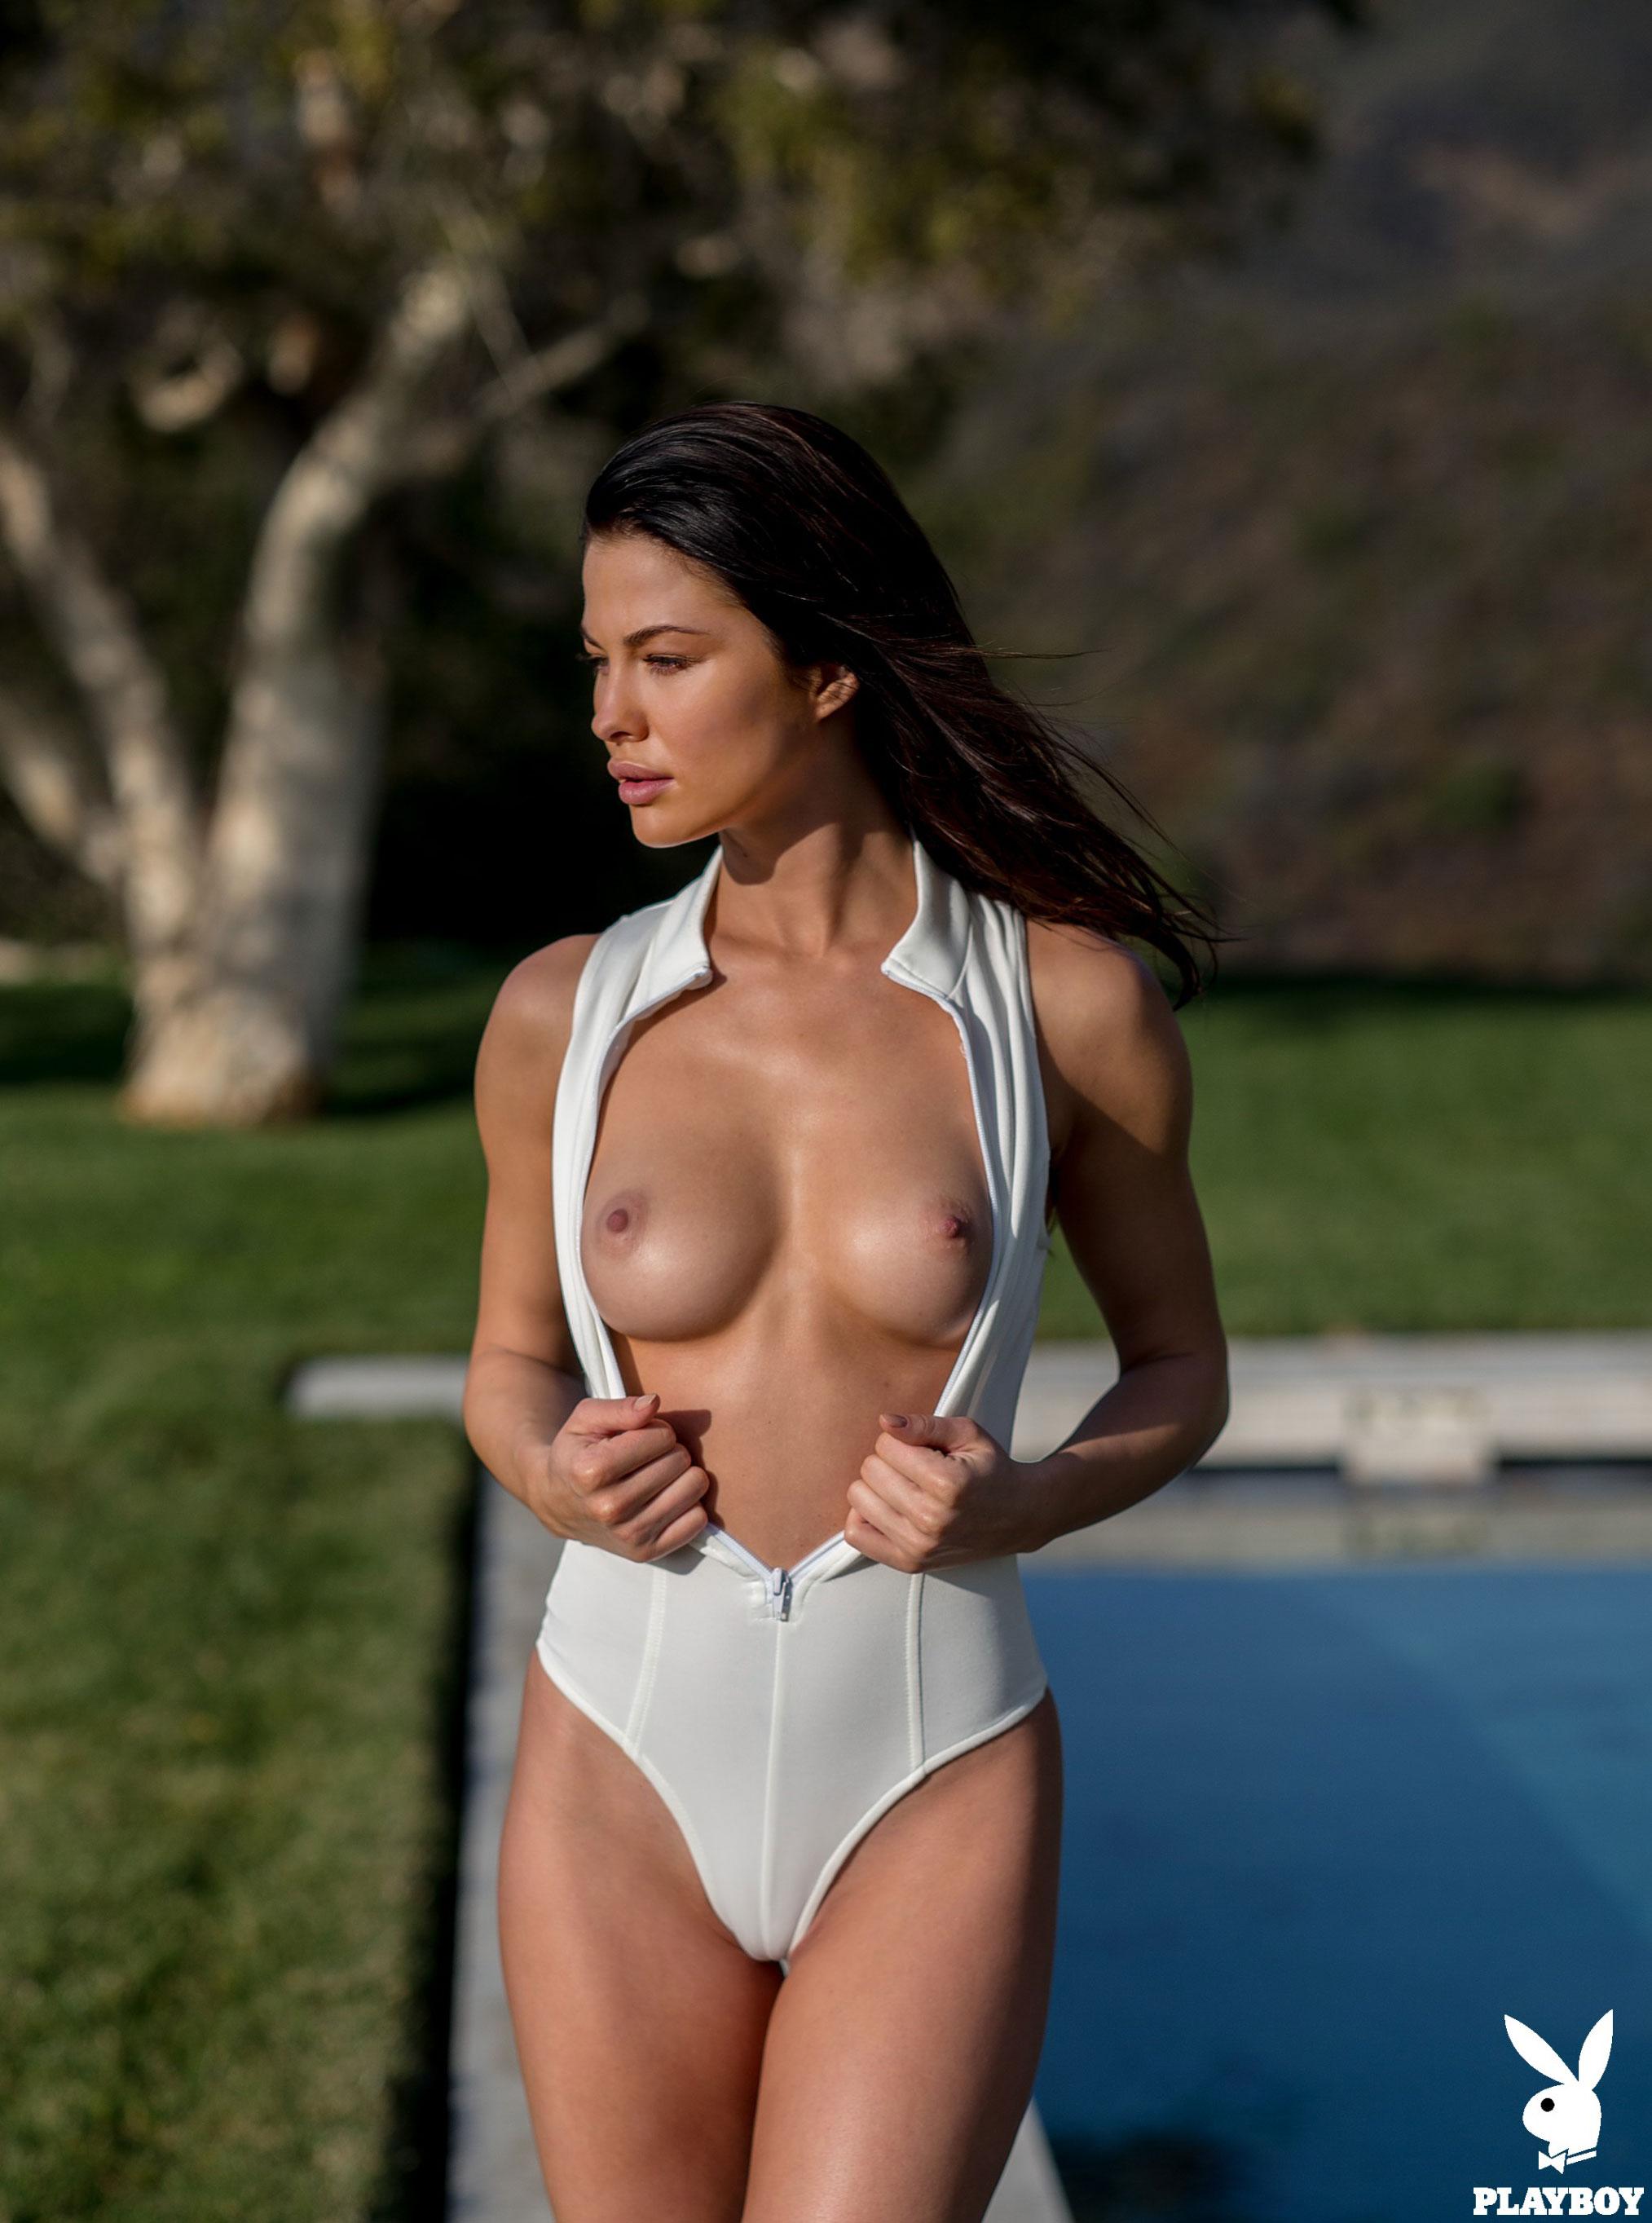 Девушка месяца Jenny Watwood / Playboy США, март 2018 / фото 06